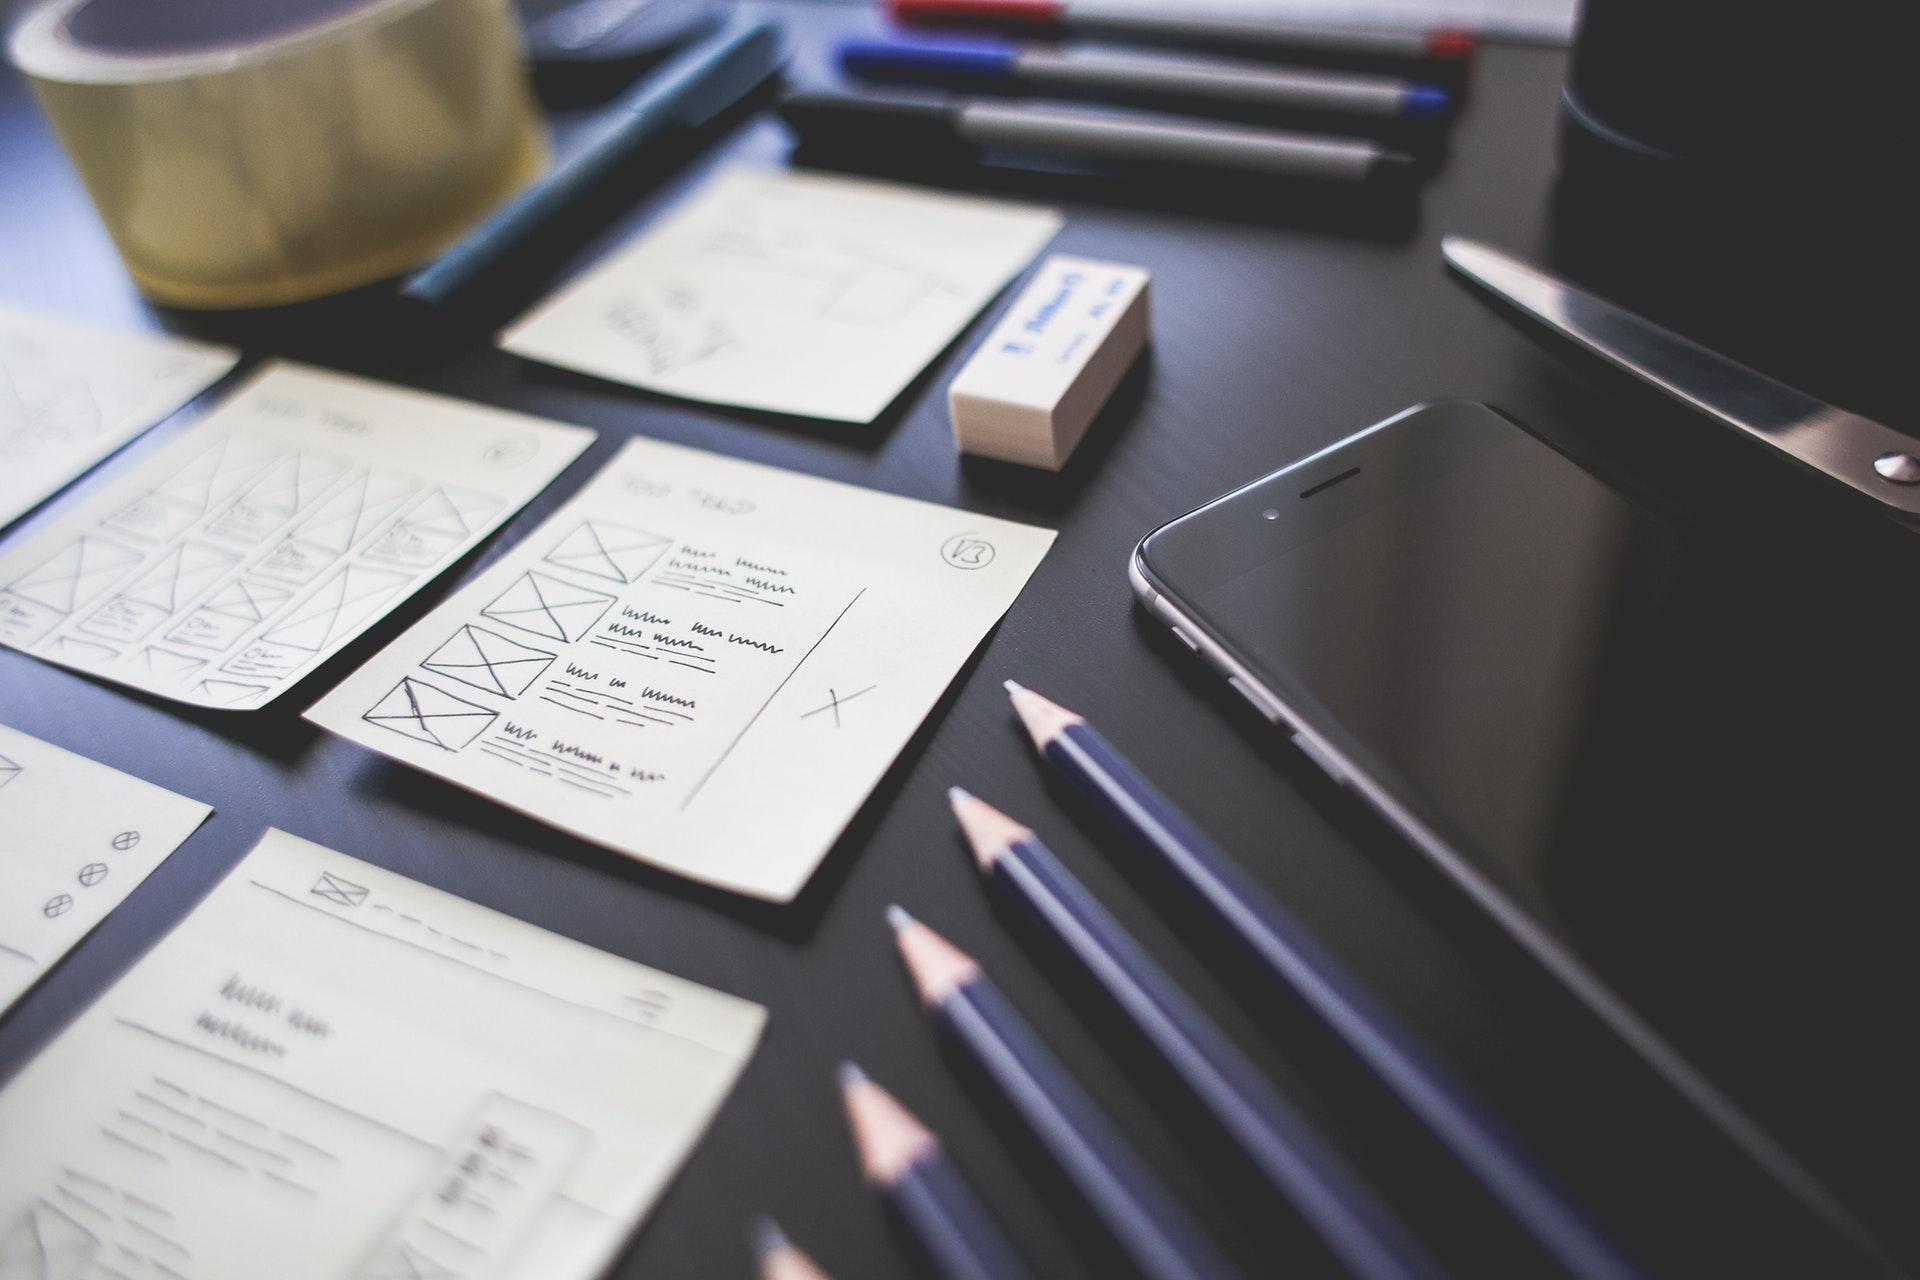 UX design mockups on paper